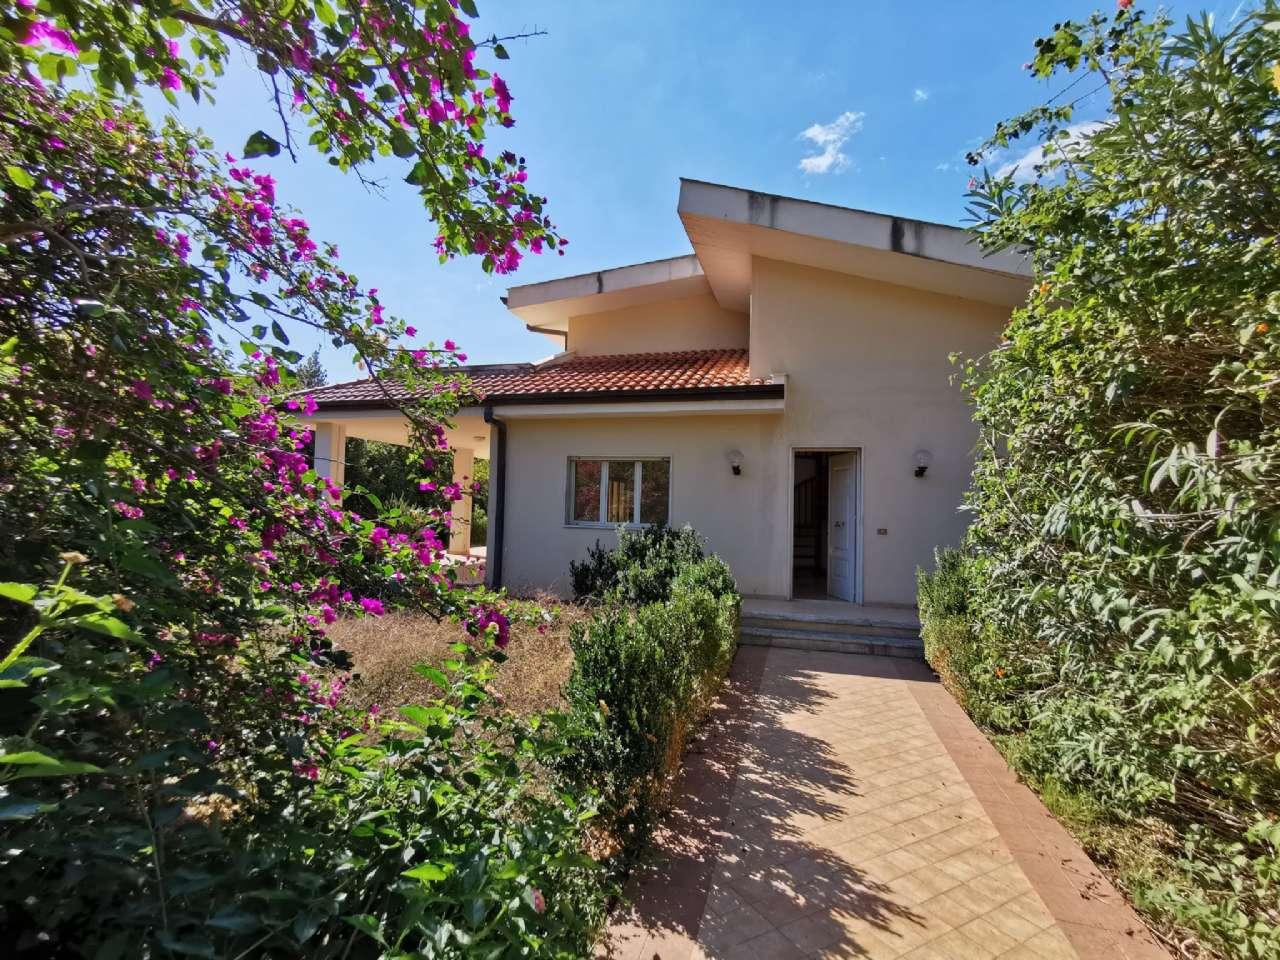 Villa singola, Via Basilea, Mondello, Palermo, foto 0